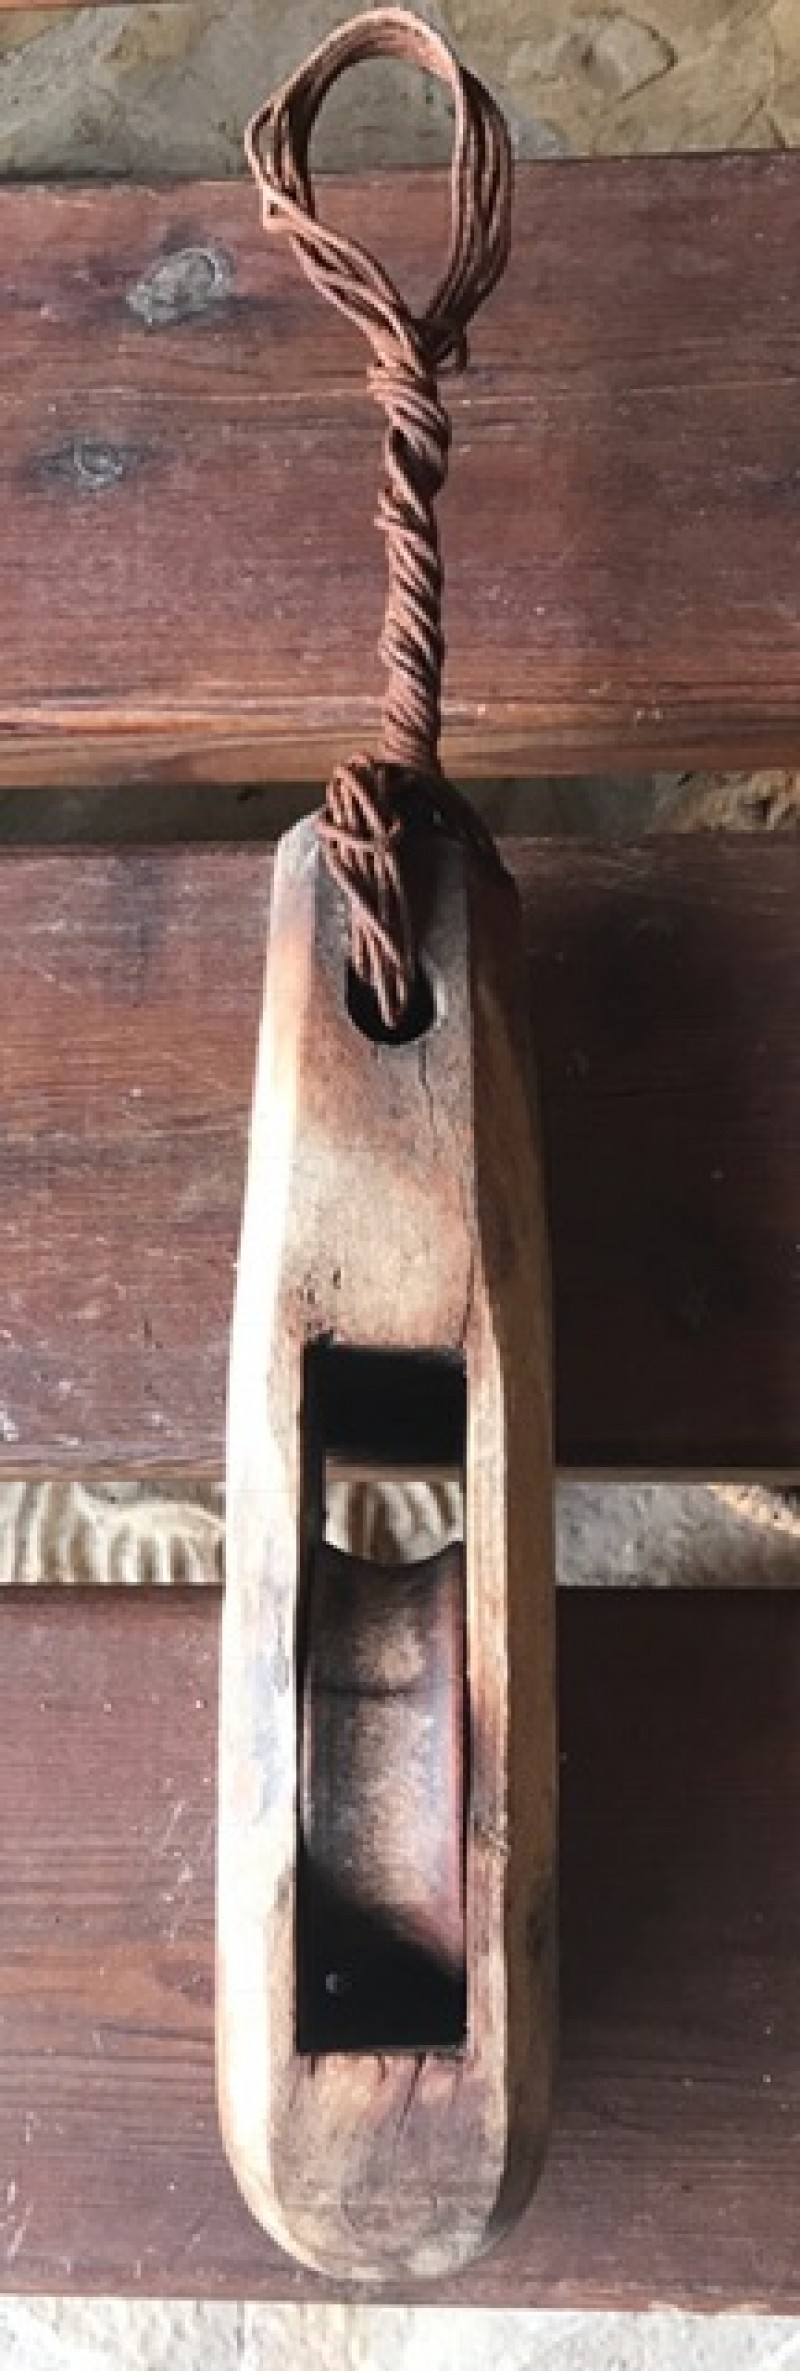 Garrucha de hierro con madera. Mide 8 cm x 6 cm x 45 cm de alto